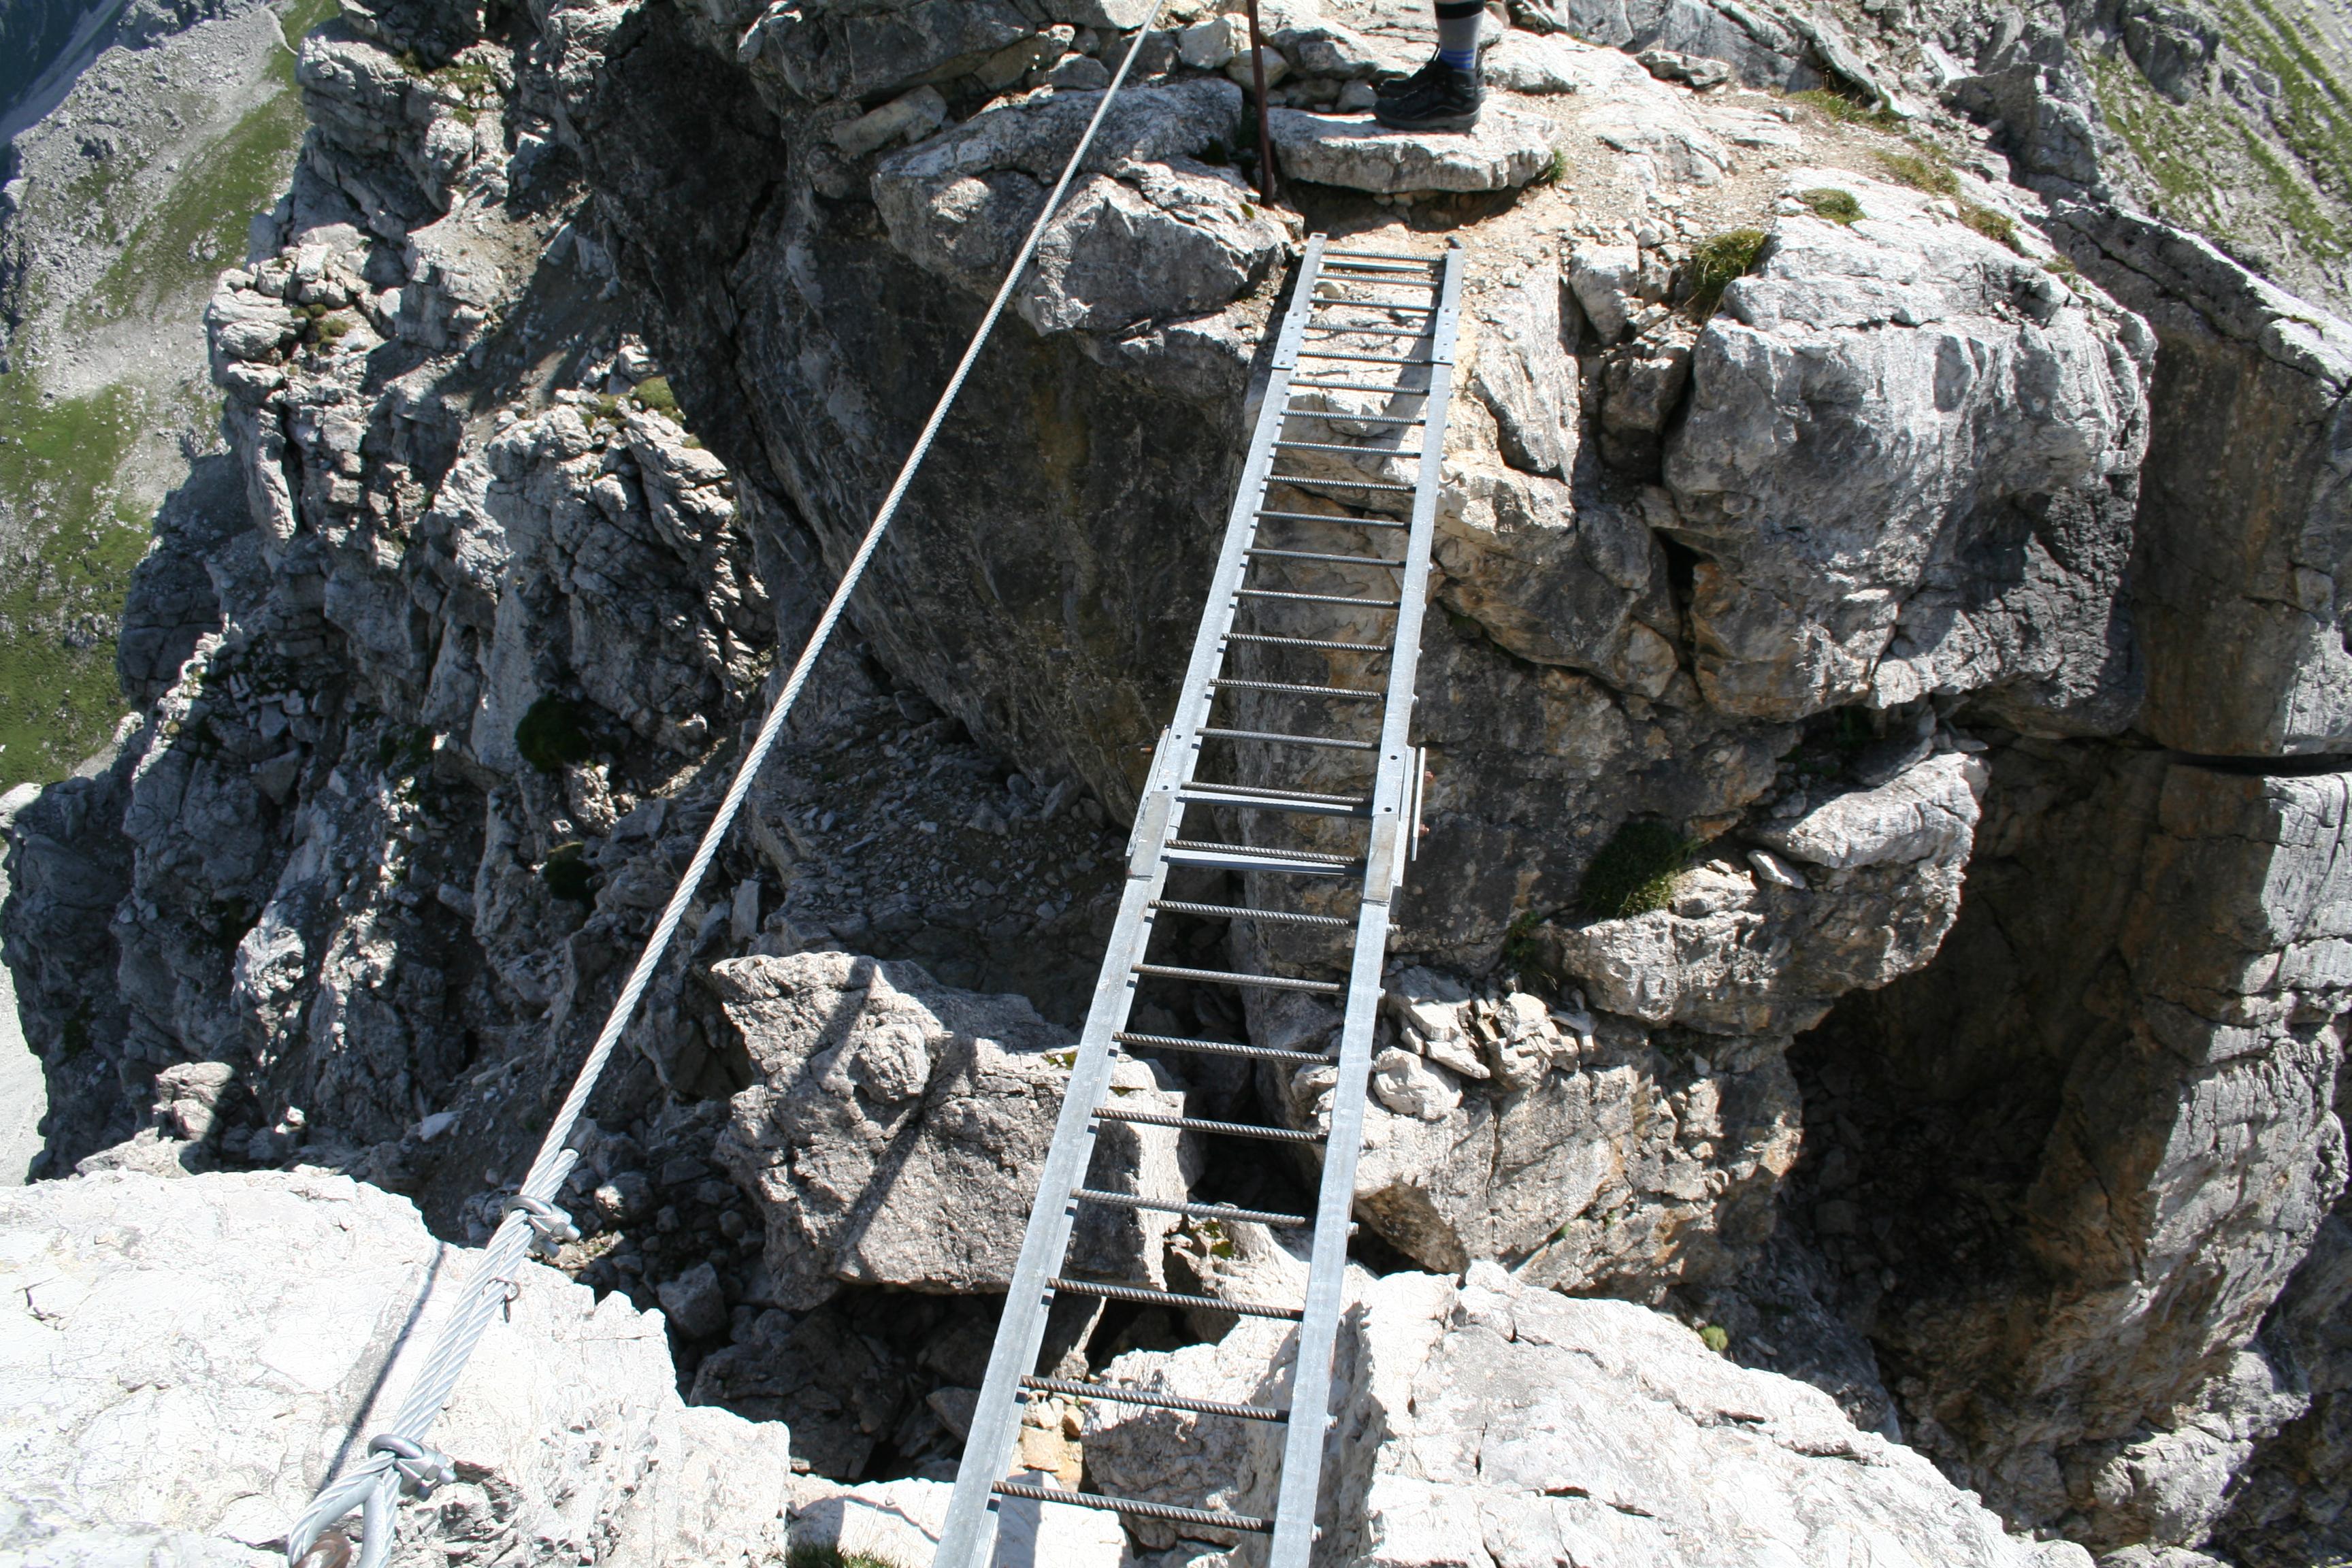 Klettersteig Leiter : Mindelheimer klettersteig go and travel